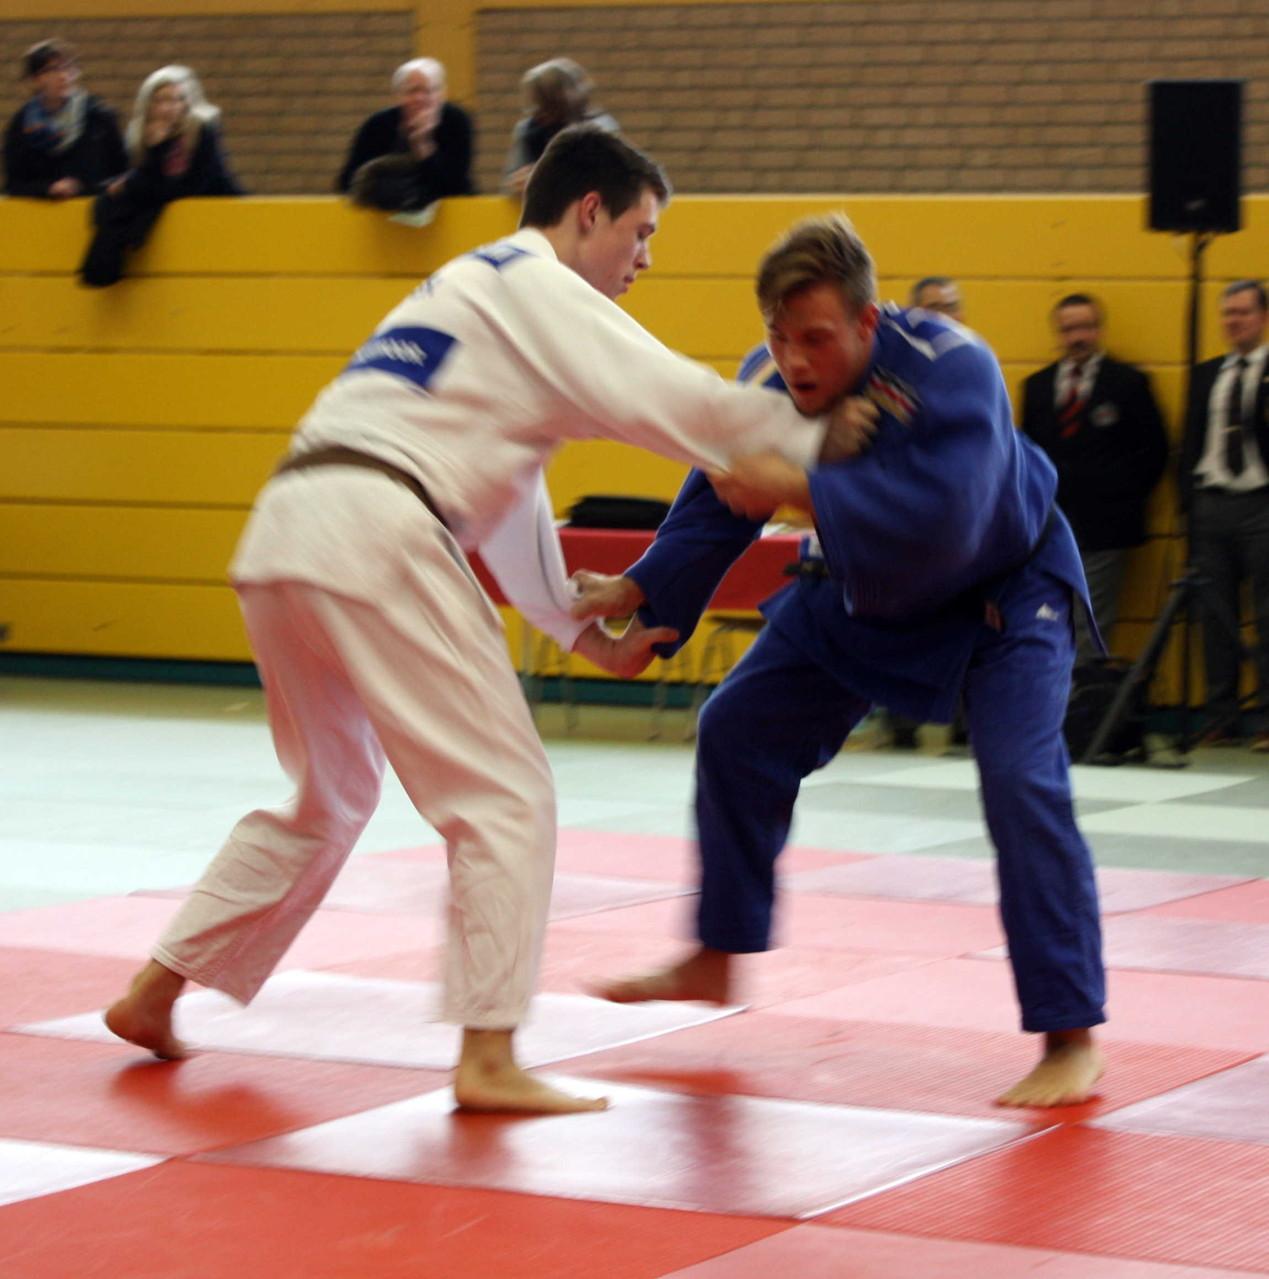 Björn Griemsmann li. im weißen Judogi, versucht eine Angriffsposition zu finden